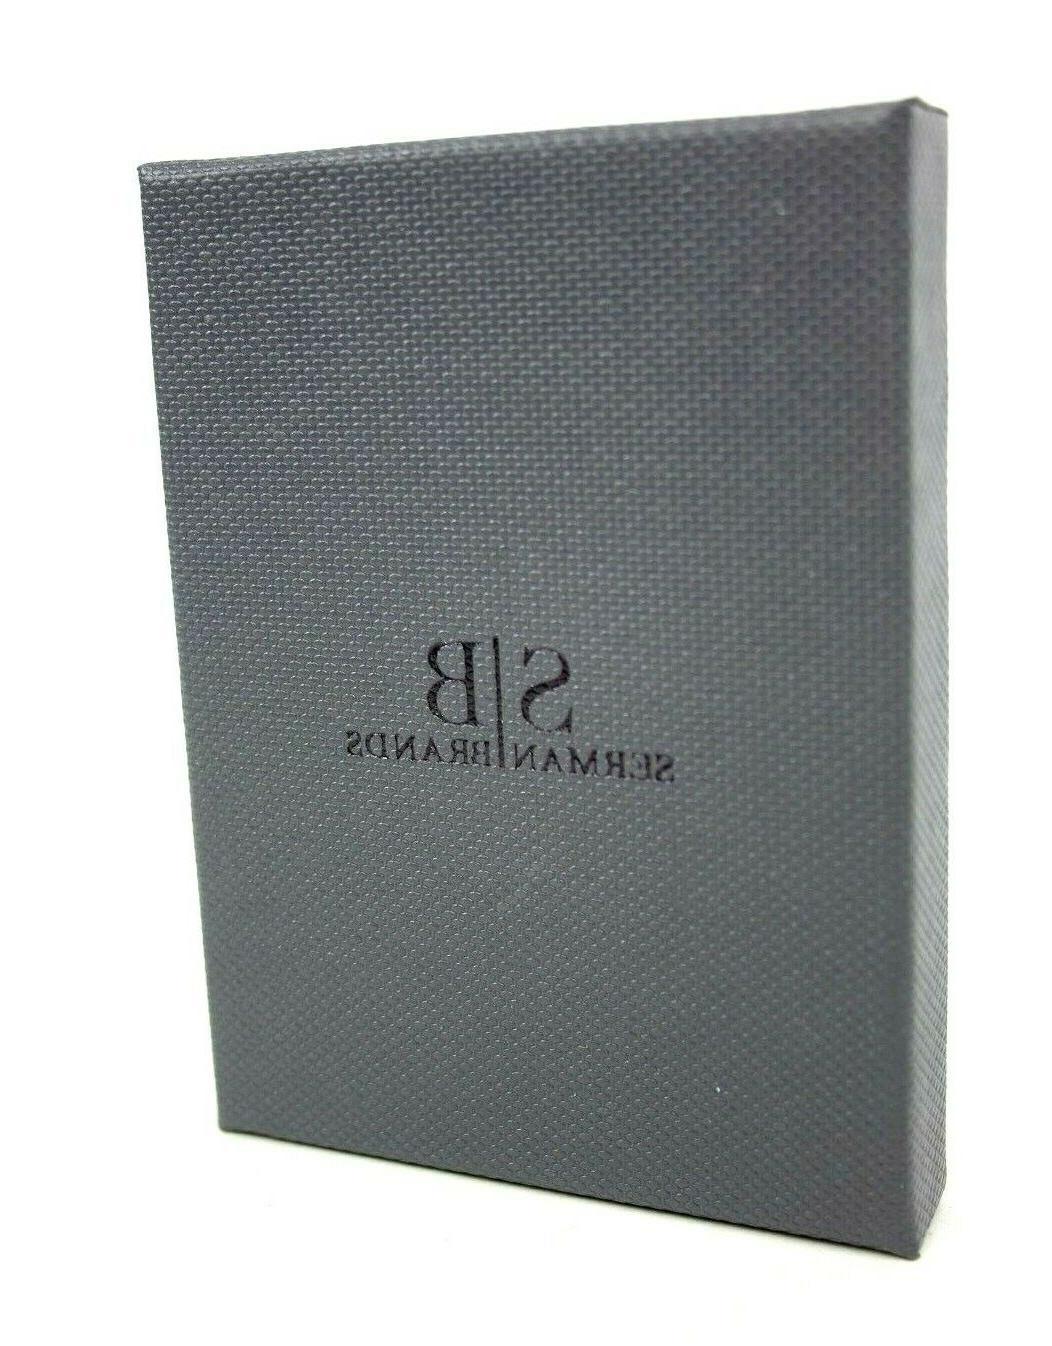 SERMAN BRANDS- Genuine Thin Minimalist Wallet Money Clip